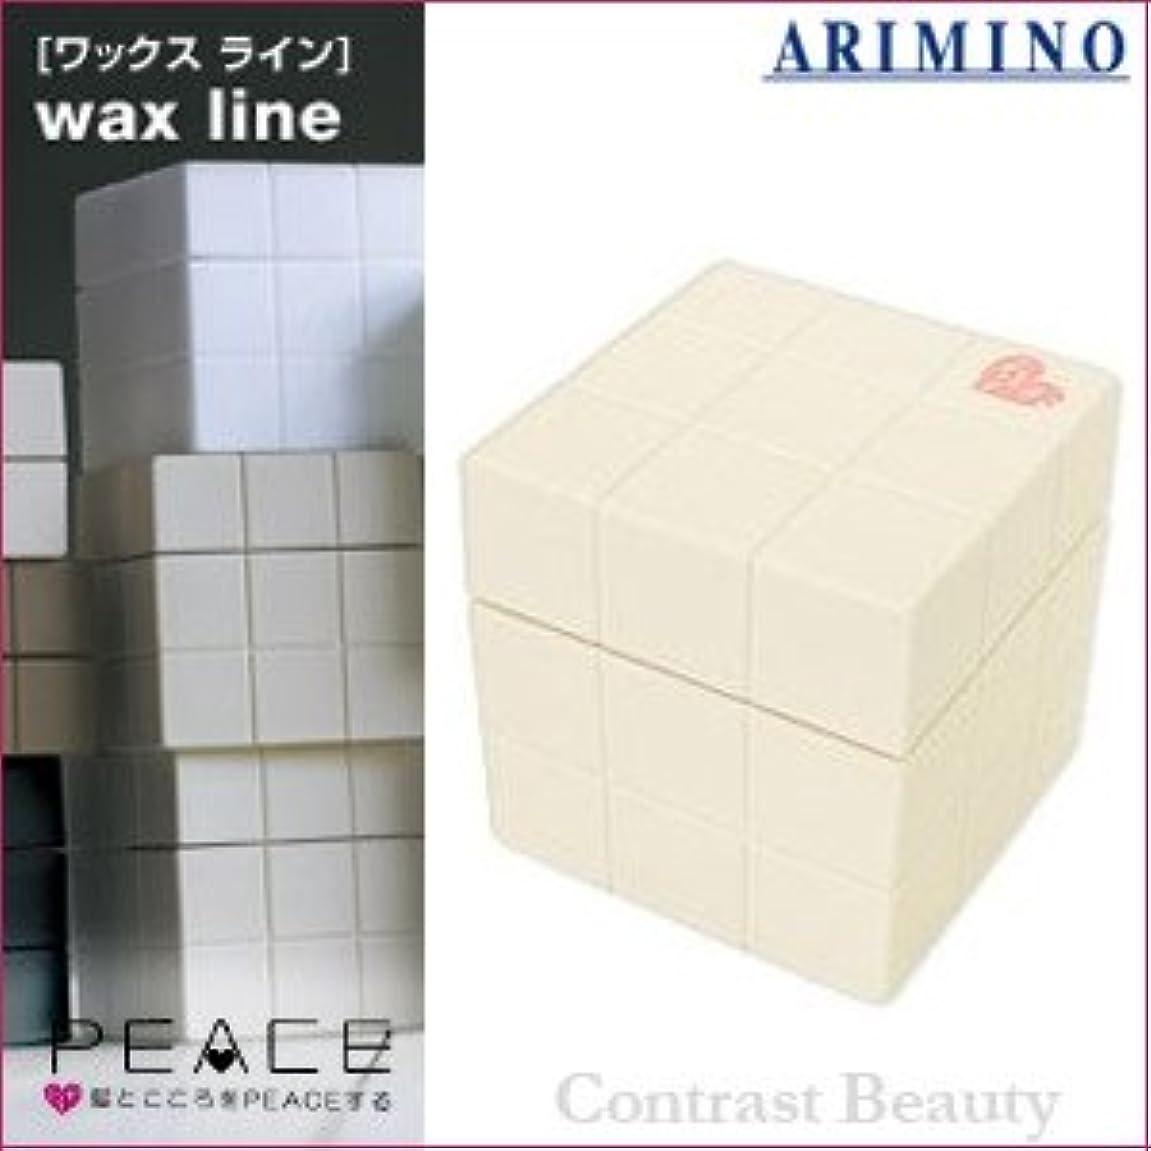 干ばつより良い簡略化する【x3個セット】 アリミノ ピース プロデザインシリーズ ニュアンスワックス バニラ 80g